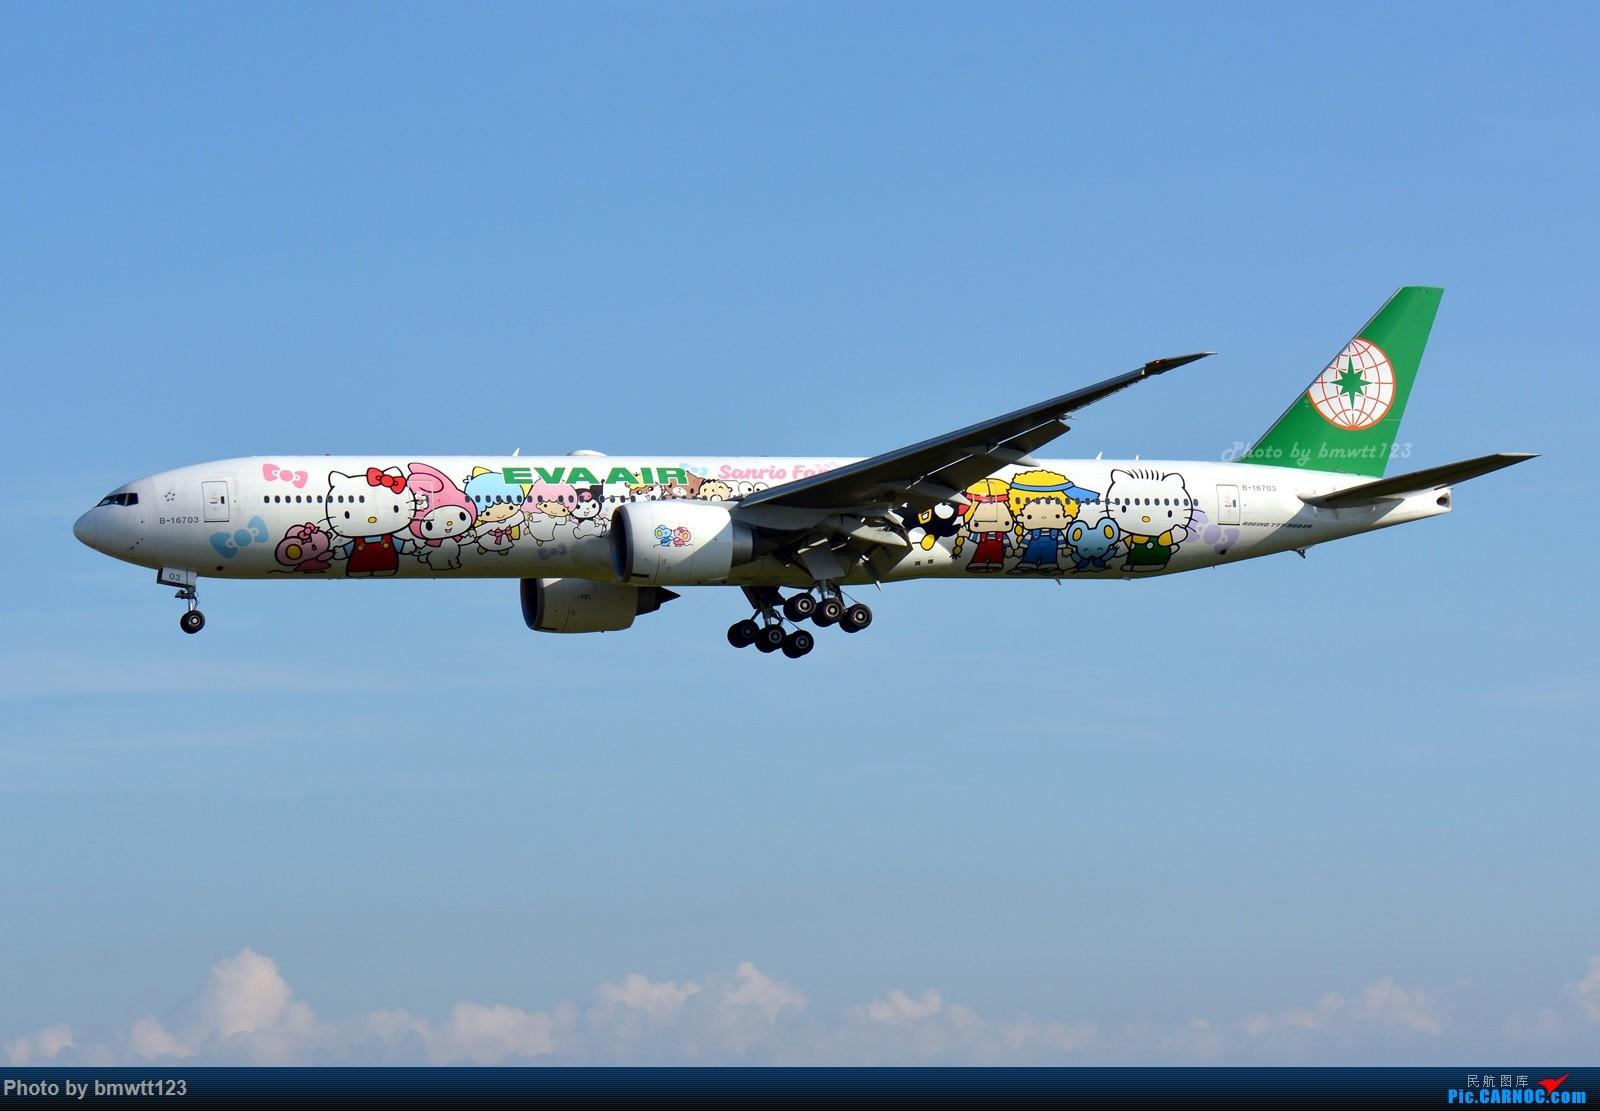 [原创]【TPE桃园】人生第二架彩绘机:长荣77W猫机B-16703 BOEING 777-300ER B-16703 中国台北桃园国际机场